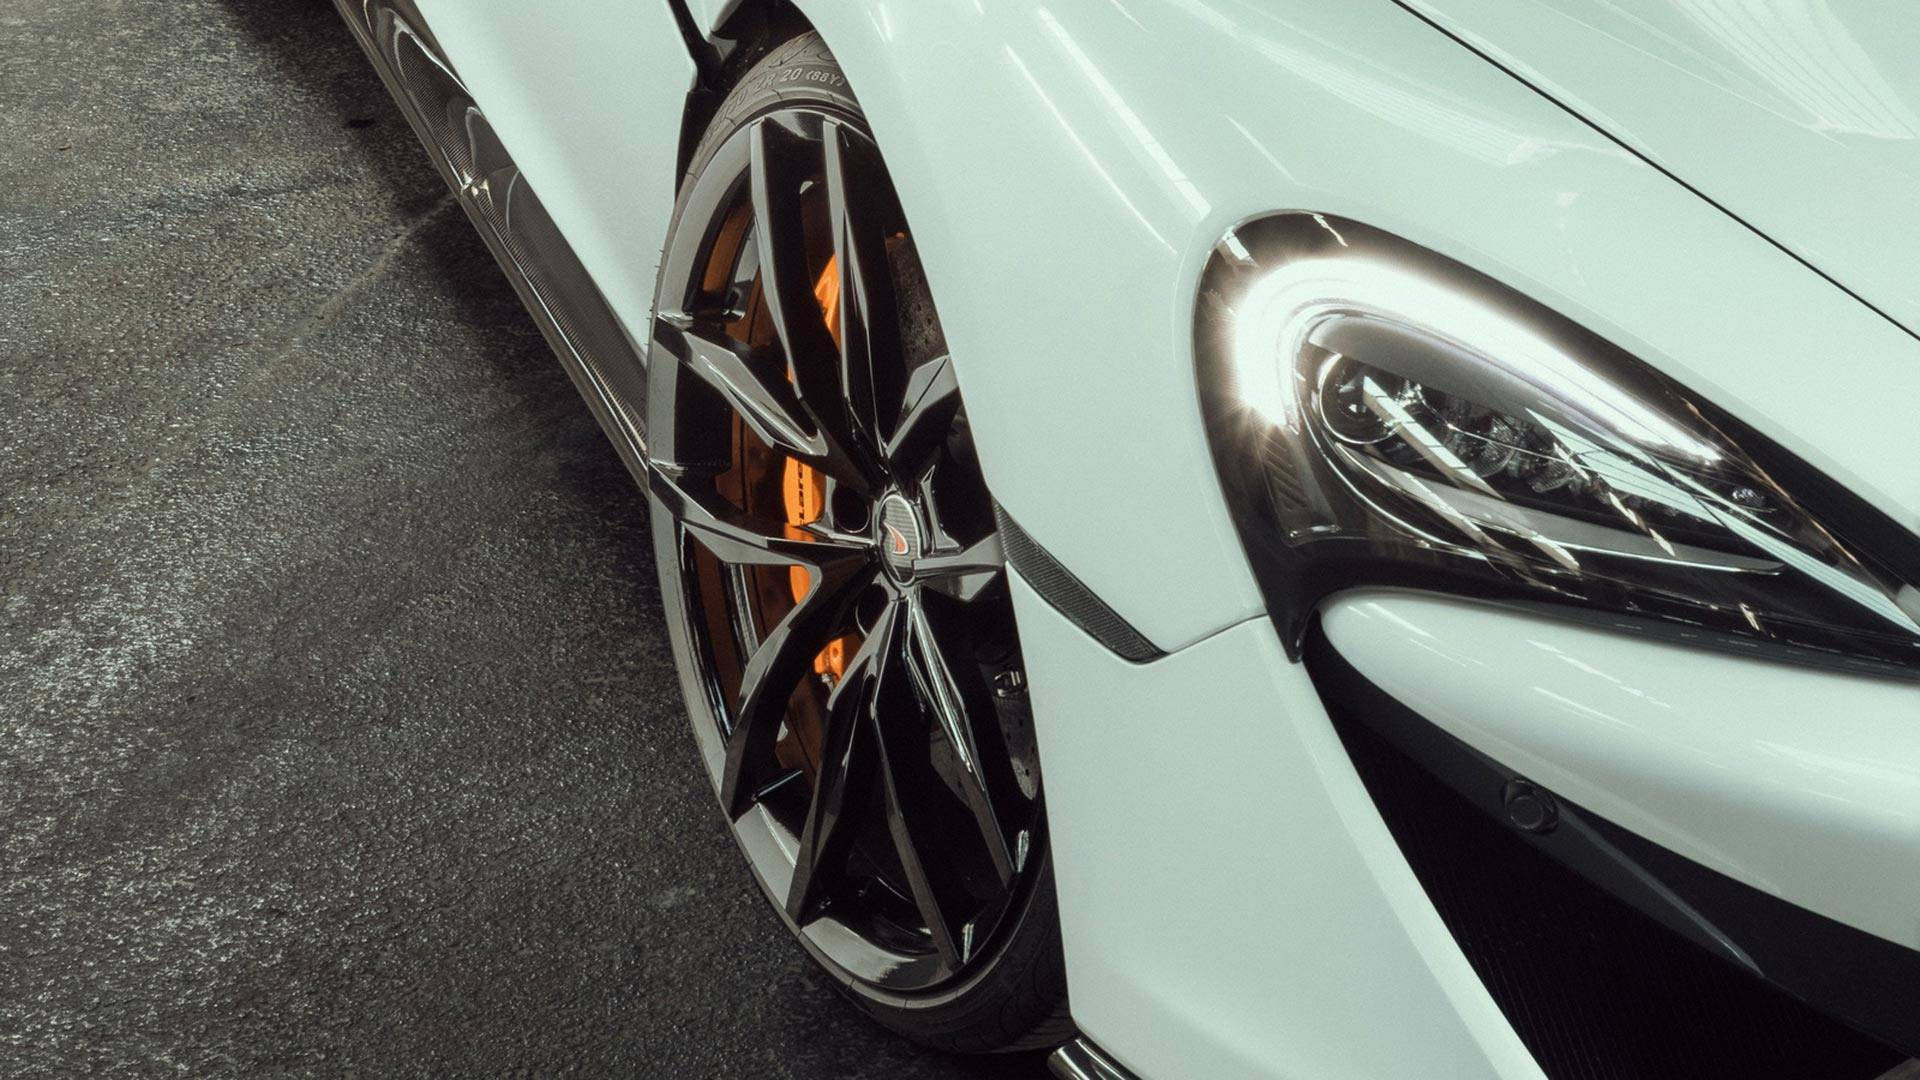 2018 NOVITEC McLaren 570S Spider Headlight Wallpaper (12)